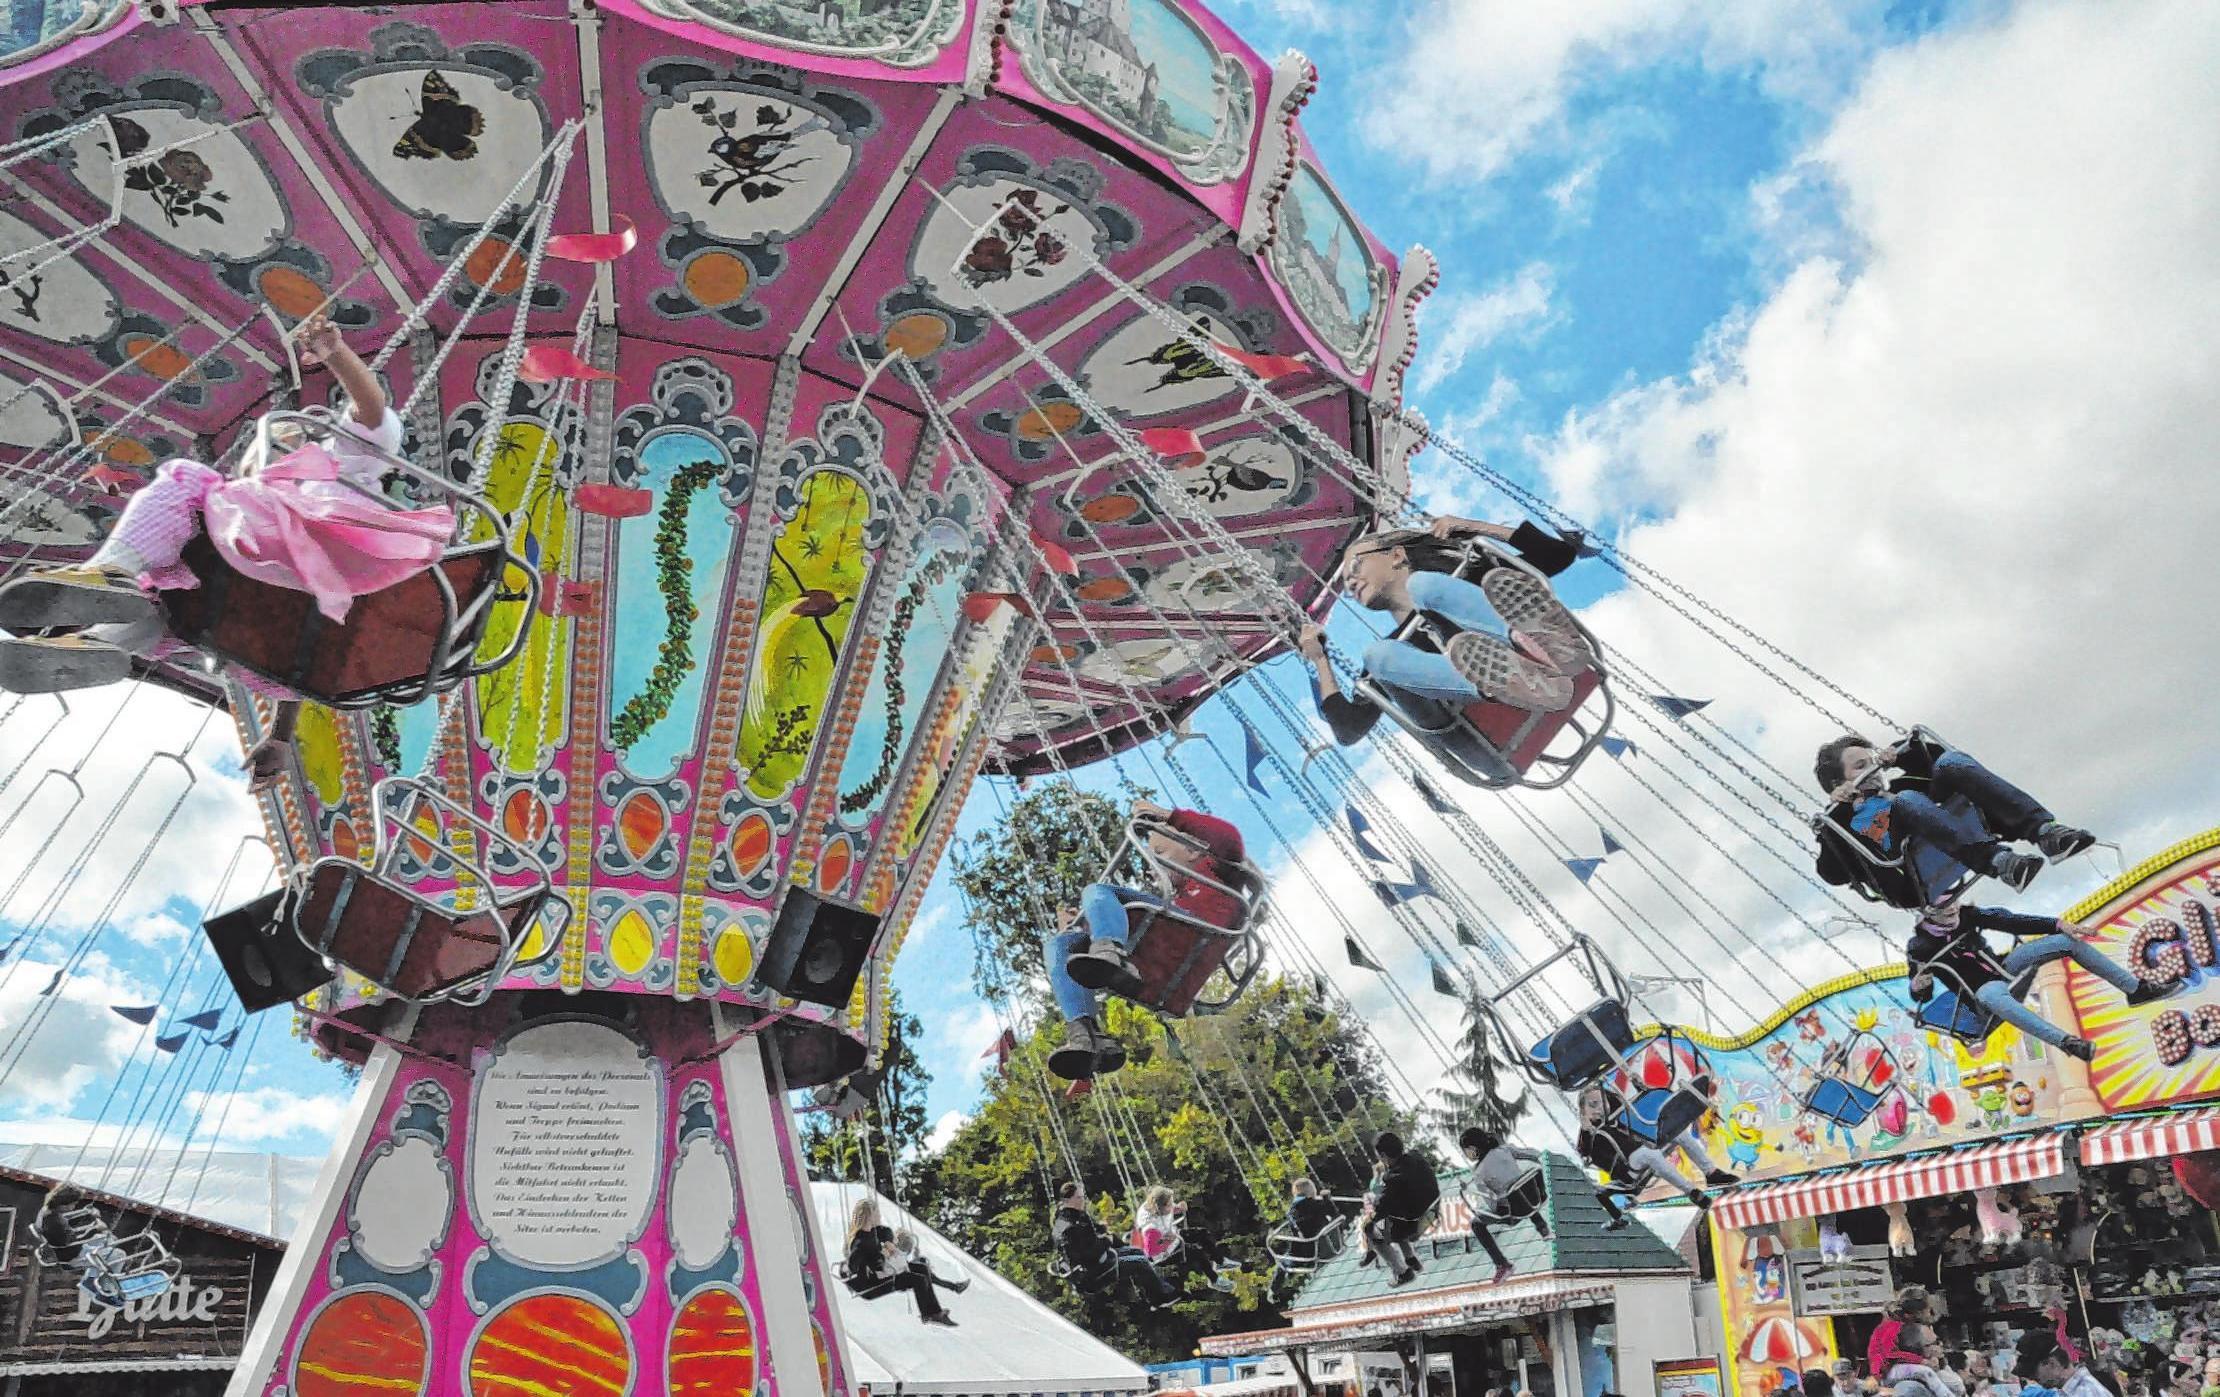 Im Vergnügungspark auf dem Festplatz sorgt für den ganz besonderen Spaßfaktor auf dem Michaeli-Markt.